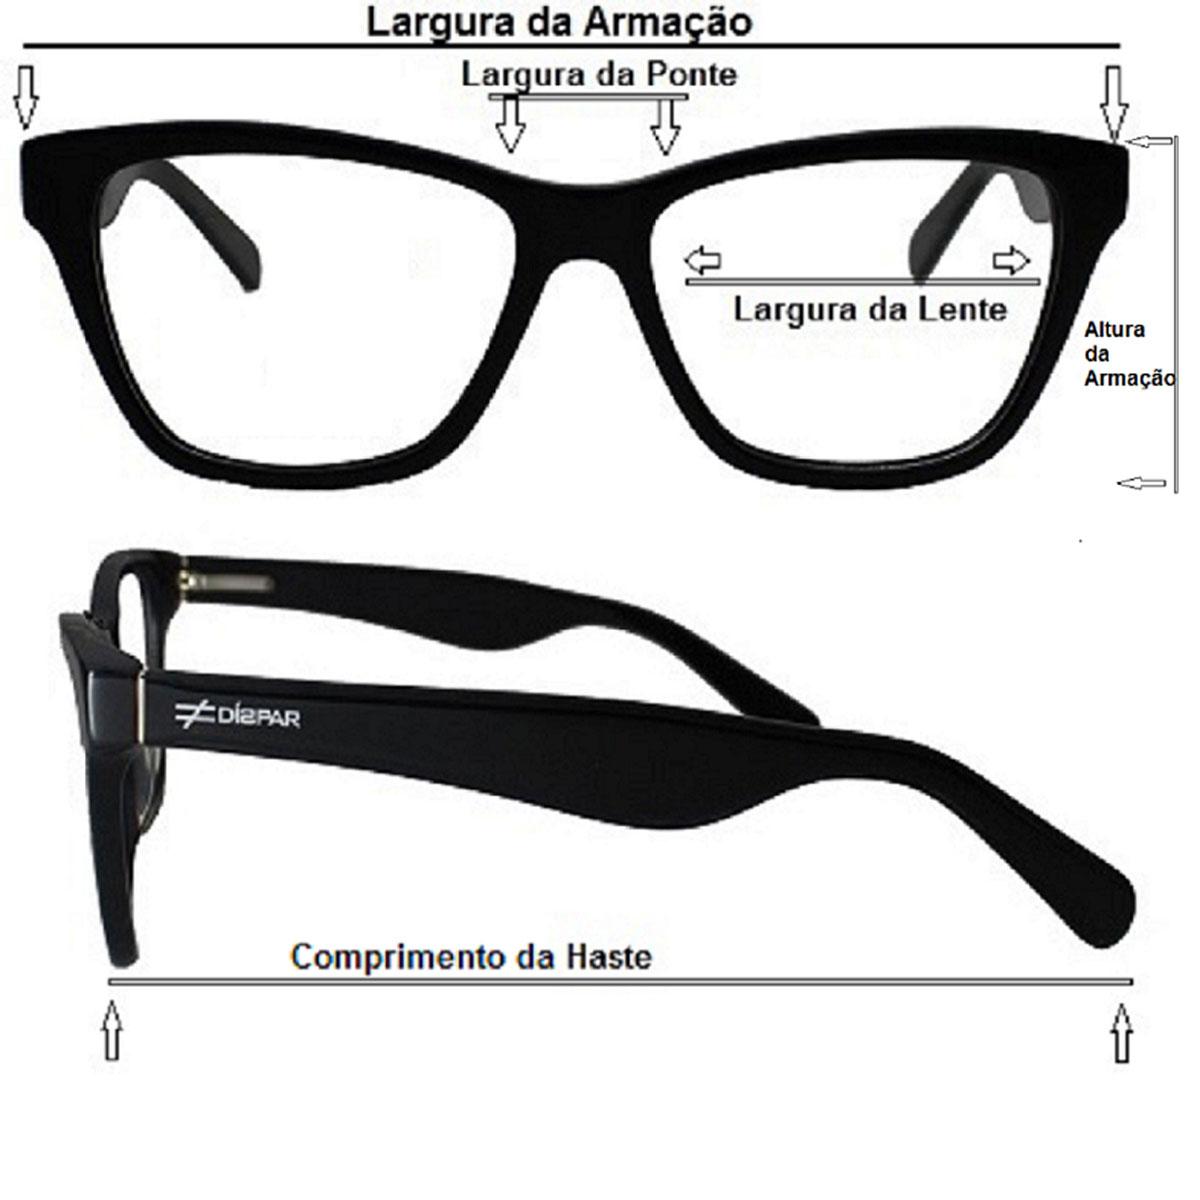 Armação para Óculos Díspar D2306 Redondo - Chumbo